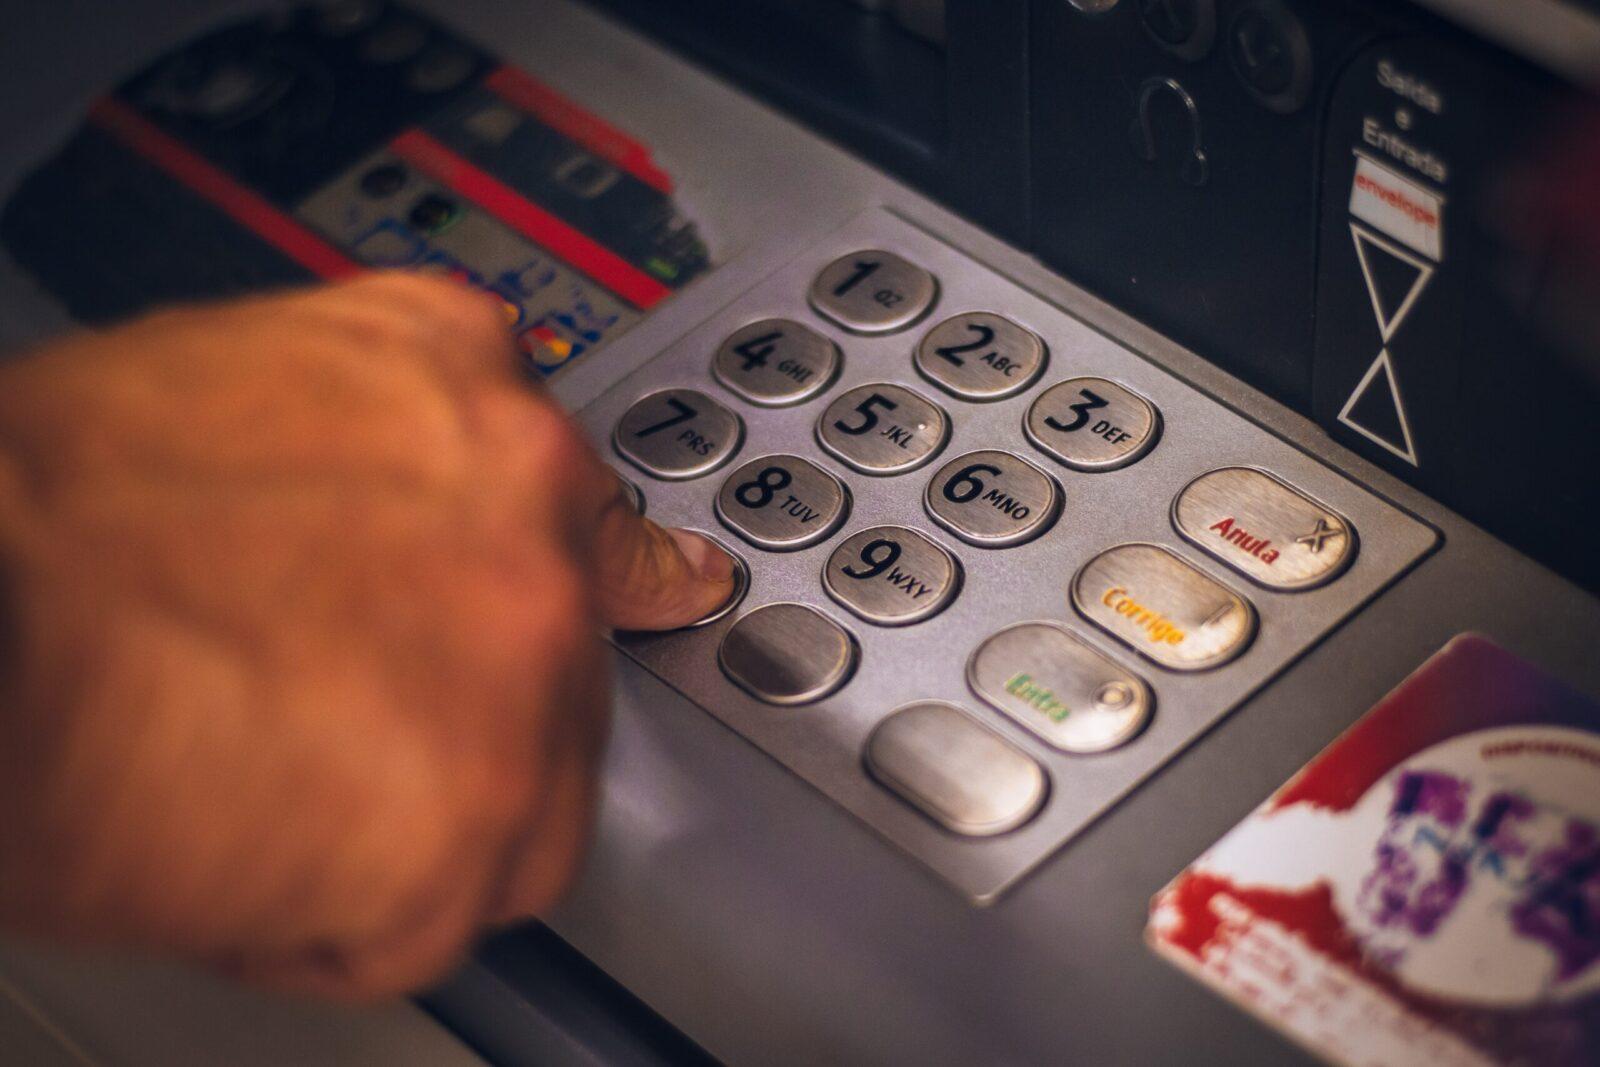 eduardo soares utwypb8 fu8 unsplash 1 scaled - Основные различия между EMI и традиционными банками